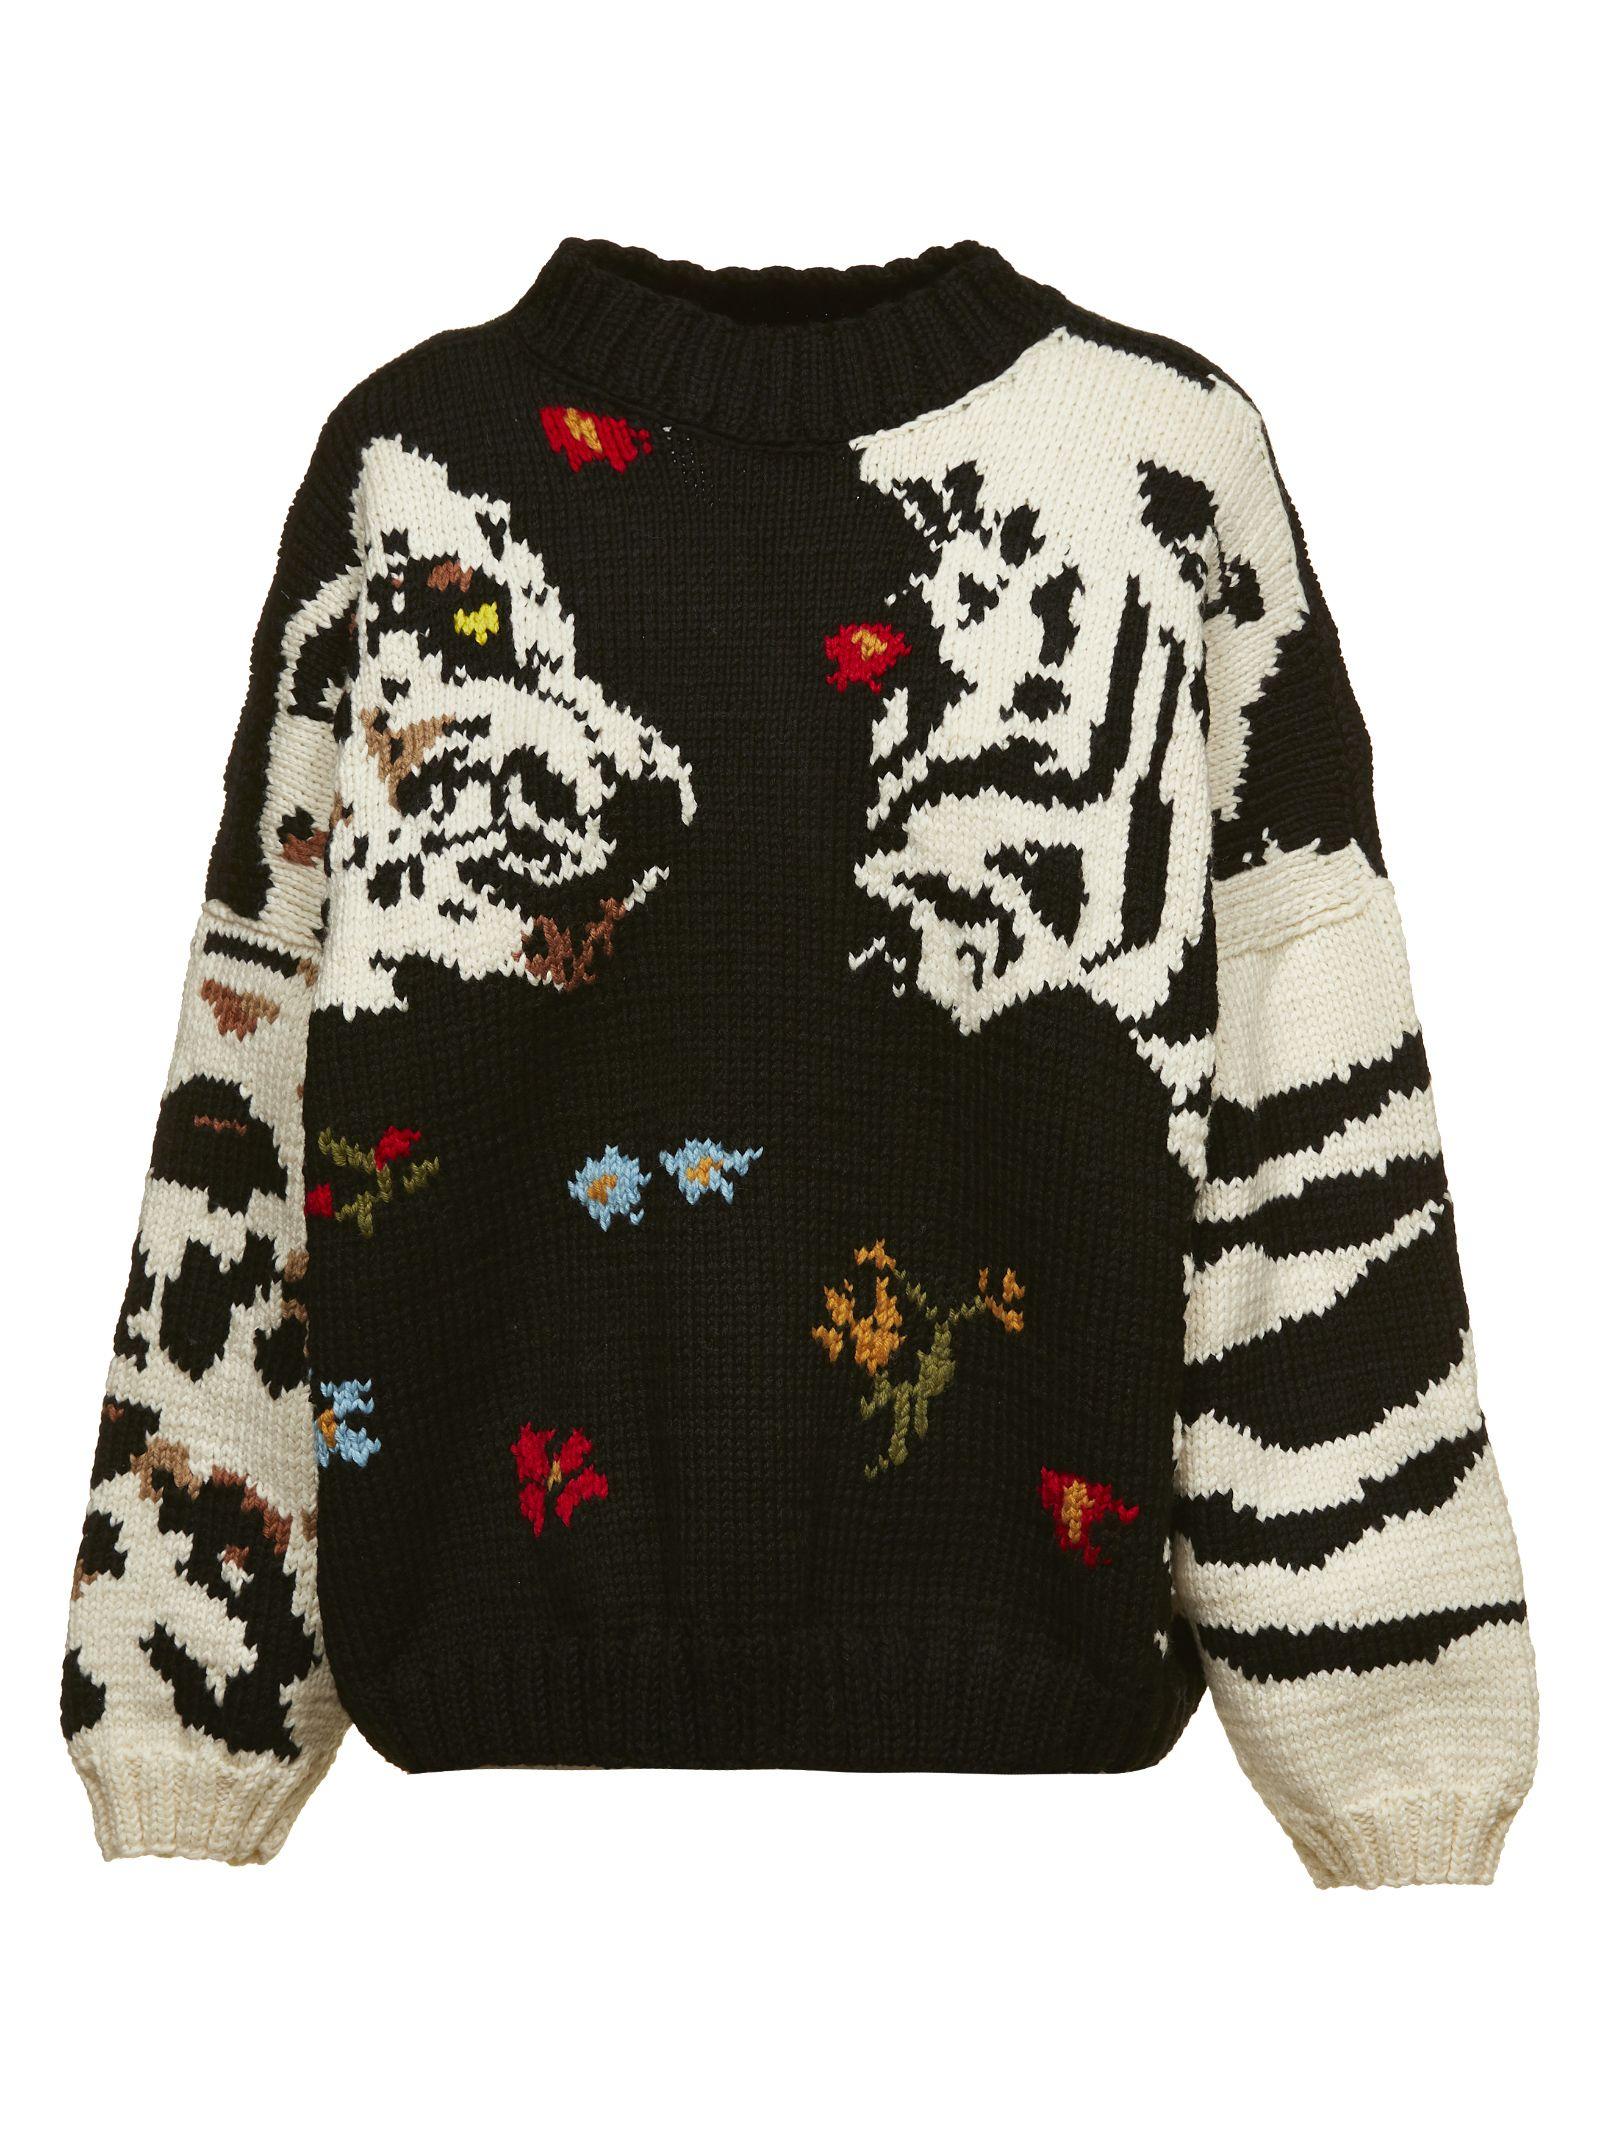 SONIA BY SONIA RYKIEL Sonia By Sonia Rykiel Embroidered Sweater in Nero Multicolor